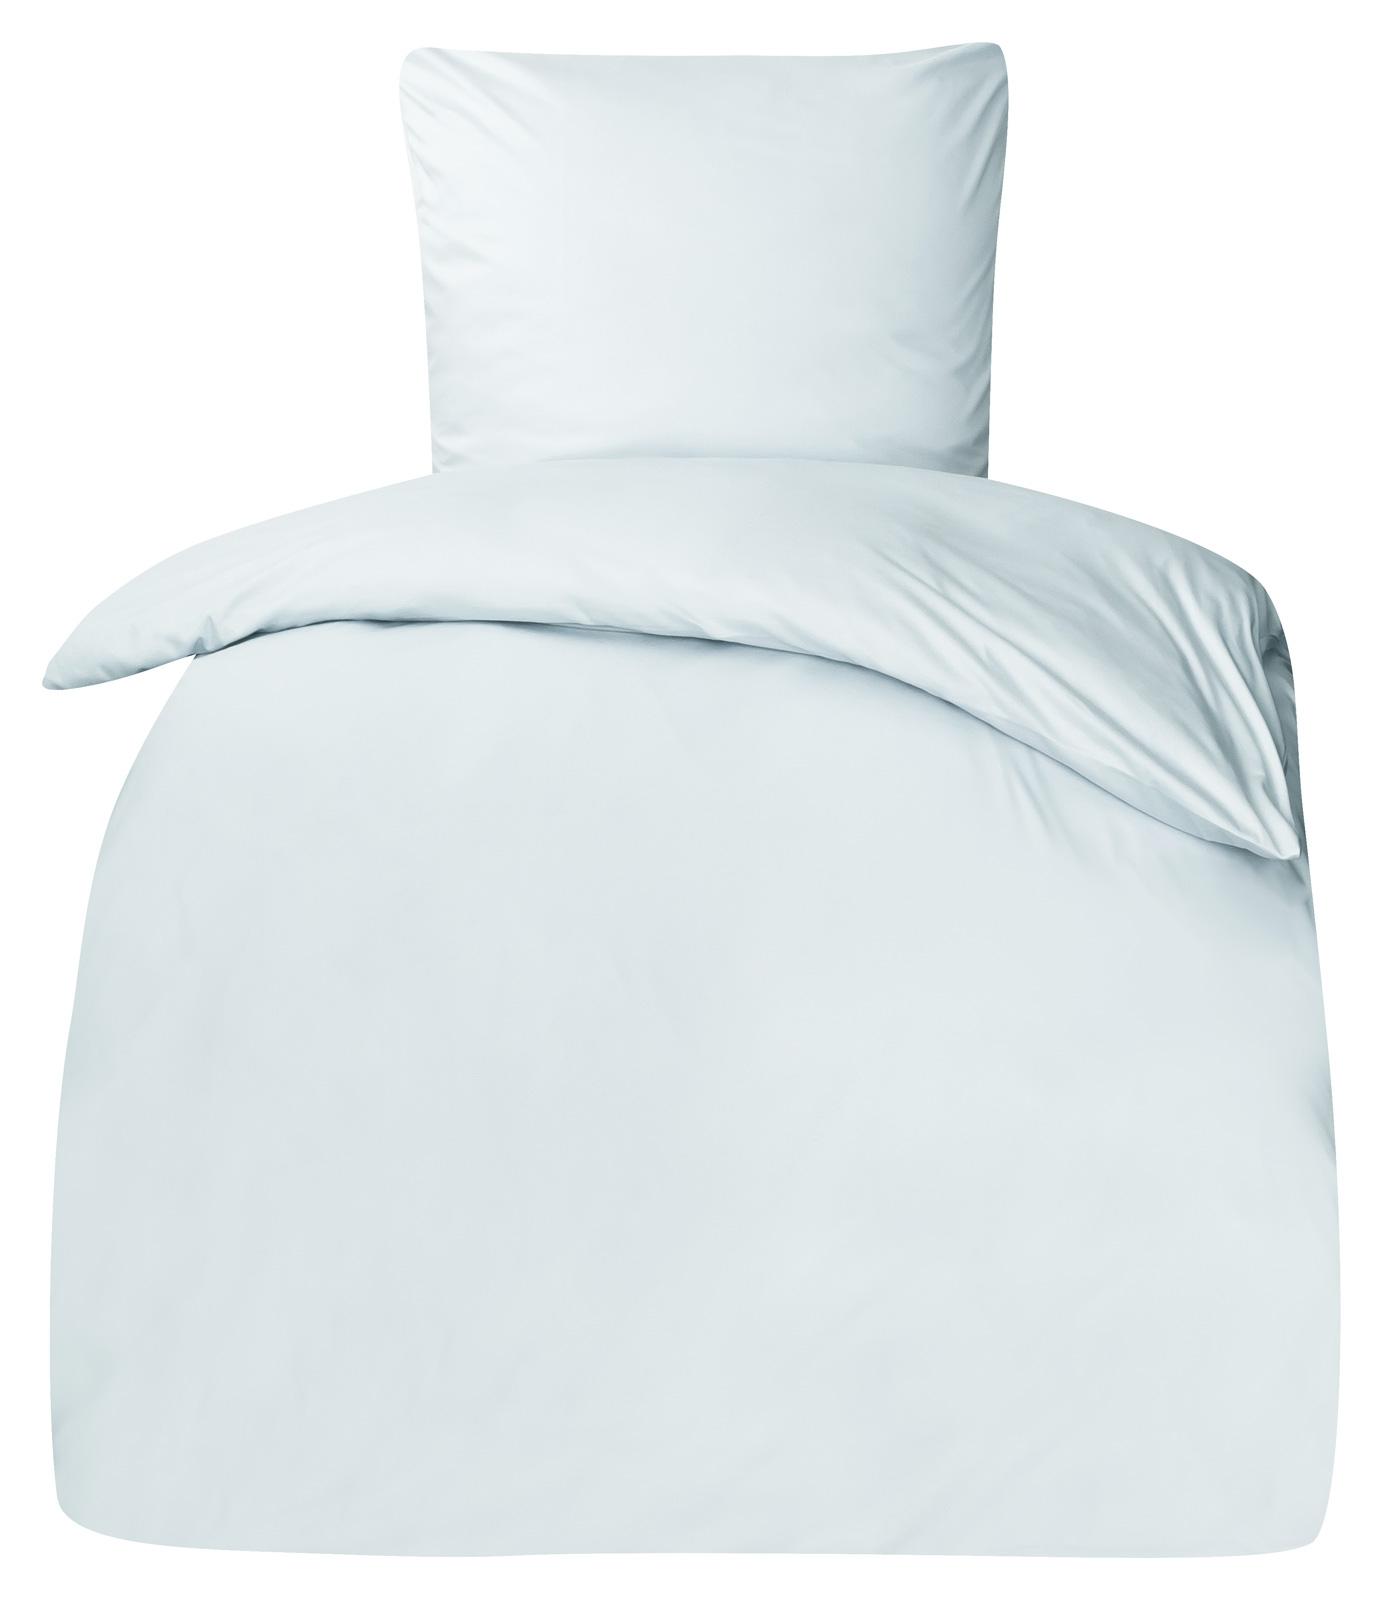 Pk Luxus Interlock Jersey Bettwäsche 100 Baumwolle Mit Ykk Reißvers